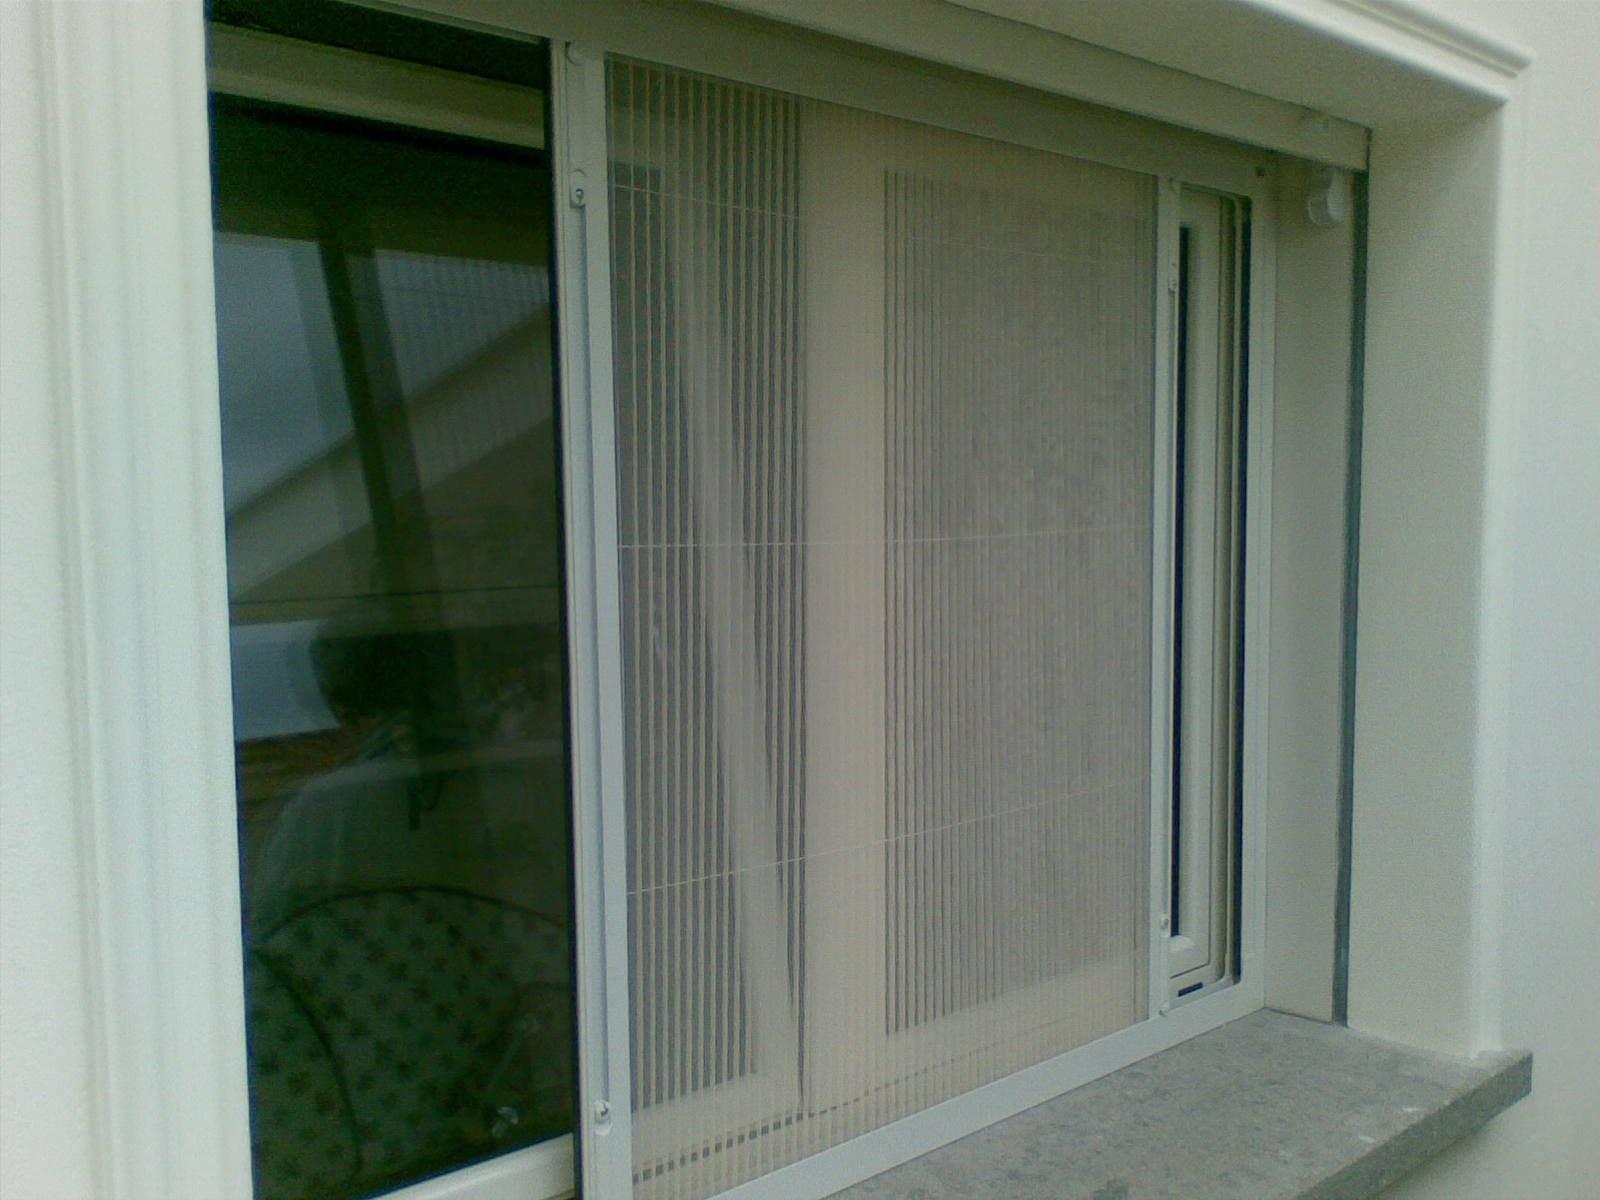 Caldo e zanzare: il condominio può vietare la zanzariera?